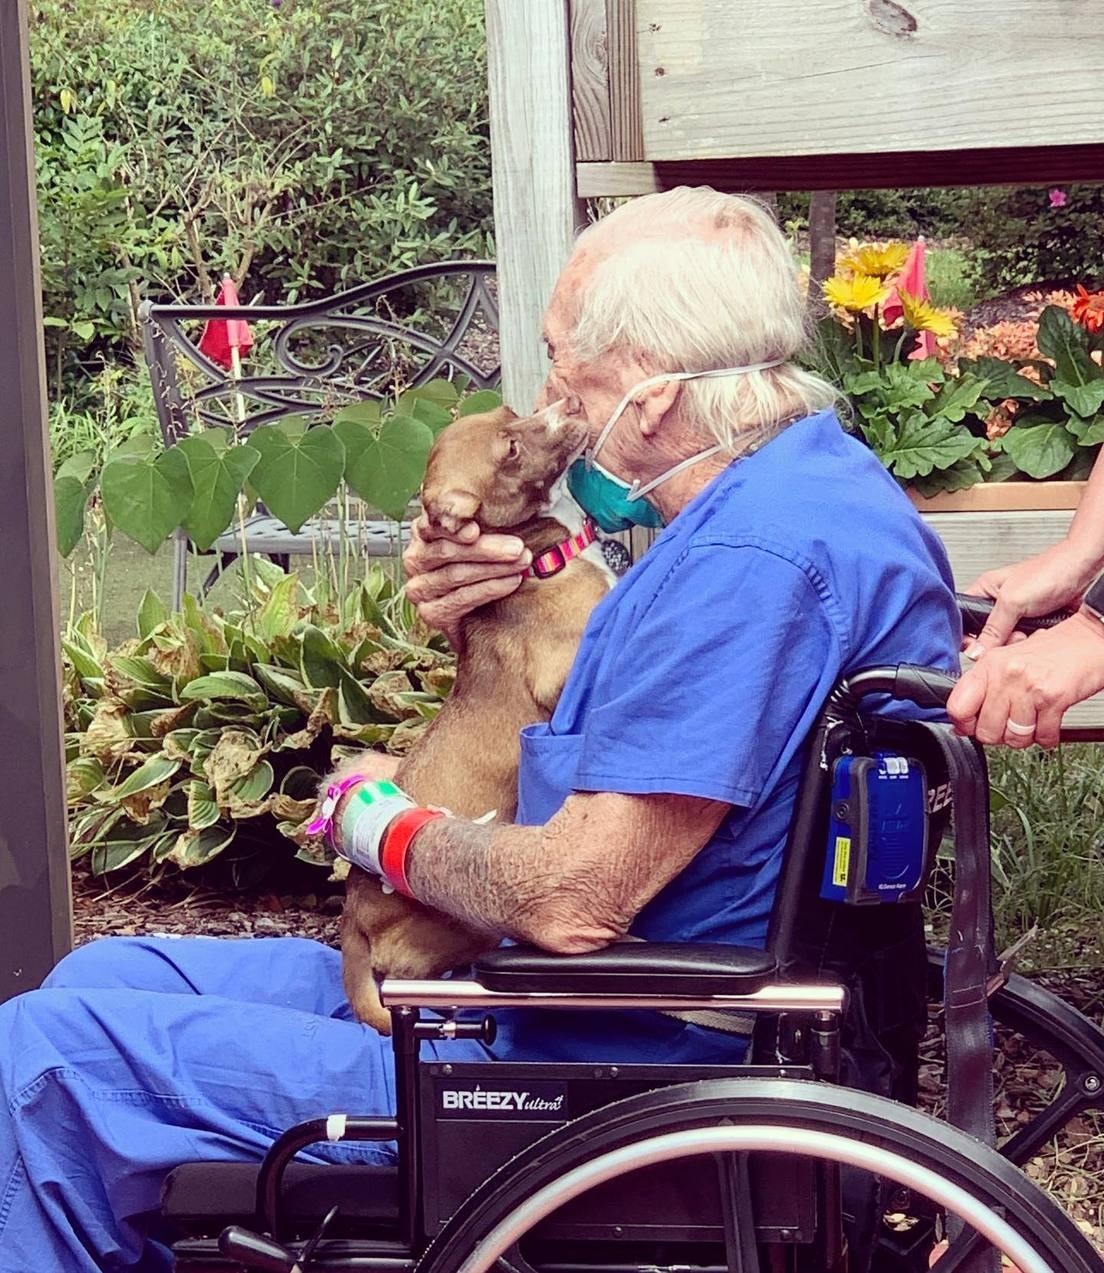 El pasado viernes el anciano se reencontró con su mascota.